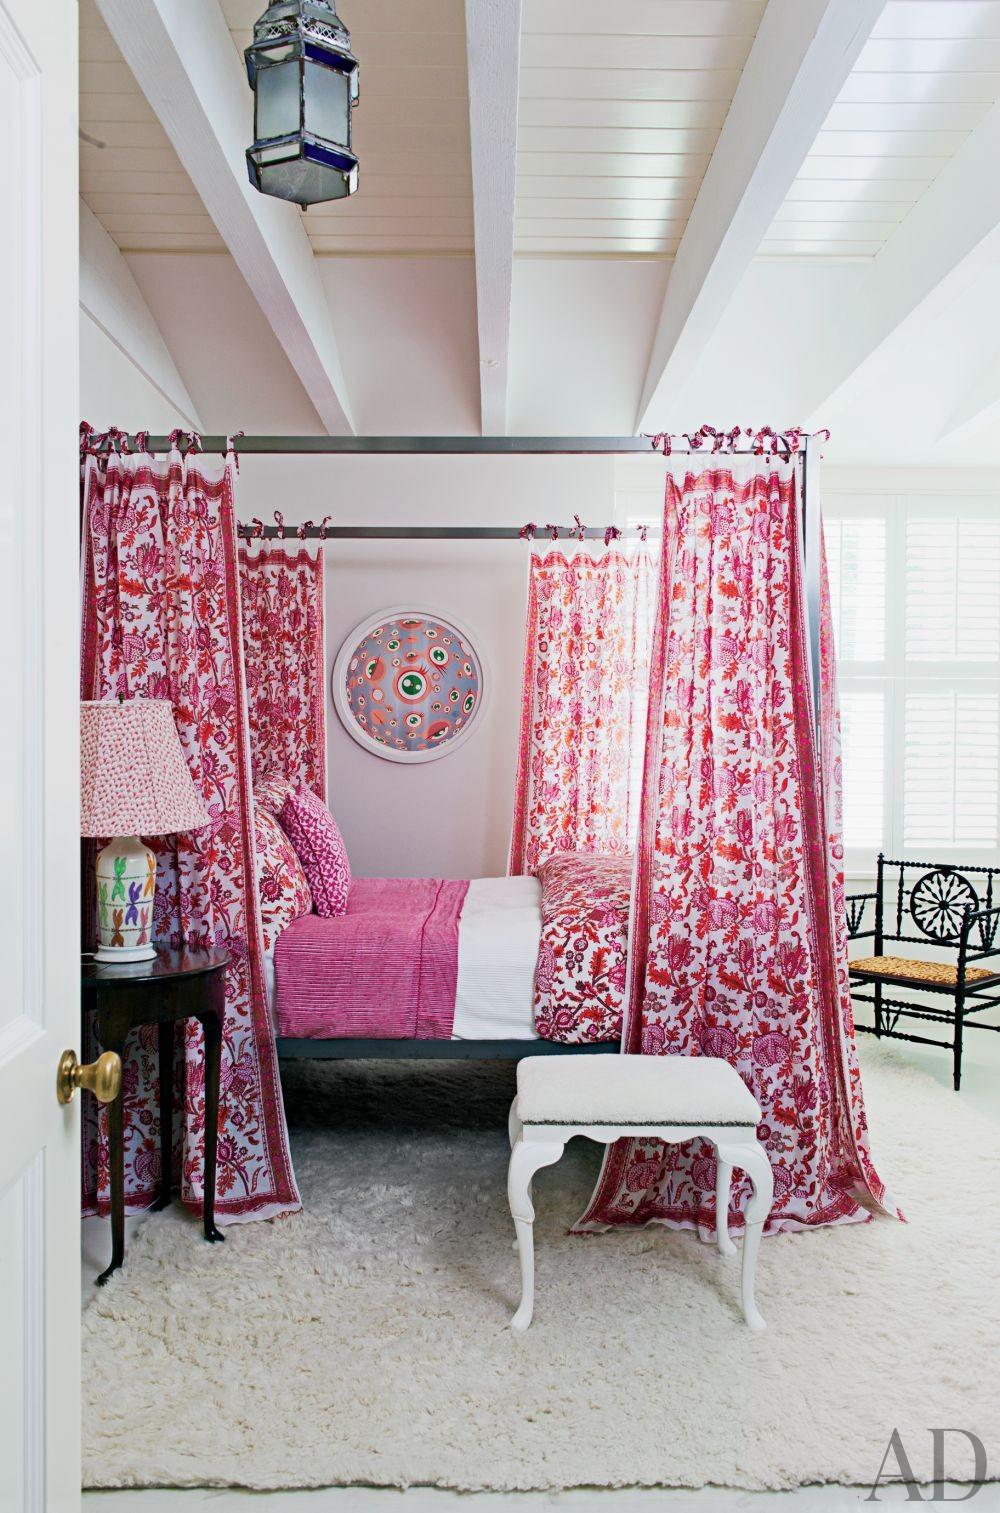 Beach Bedroom by Piccione Architecture & Design and Piccione Architecture & Design in Shelter Island, New York